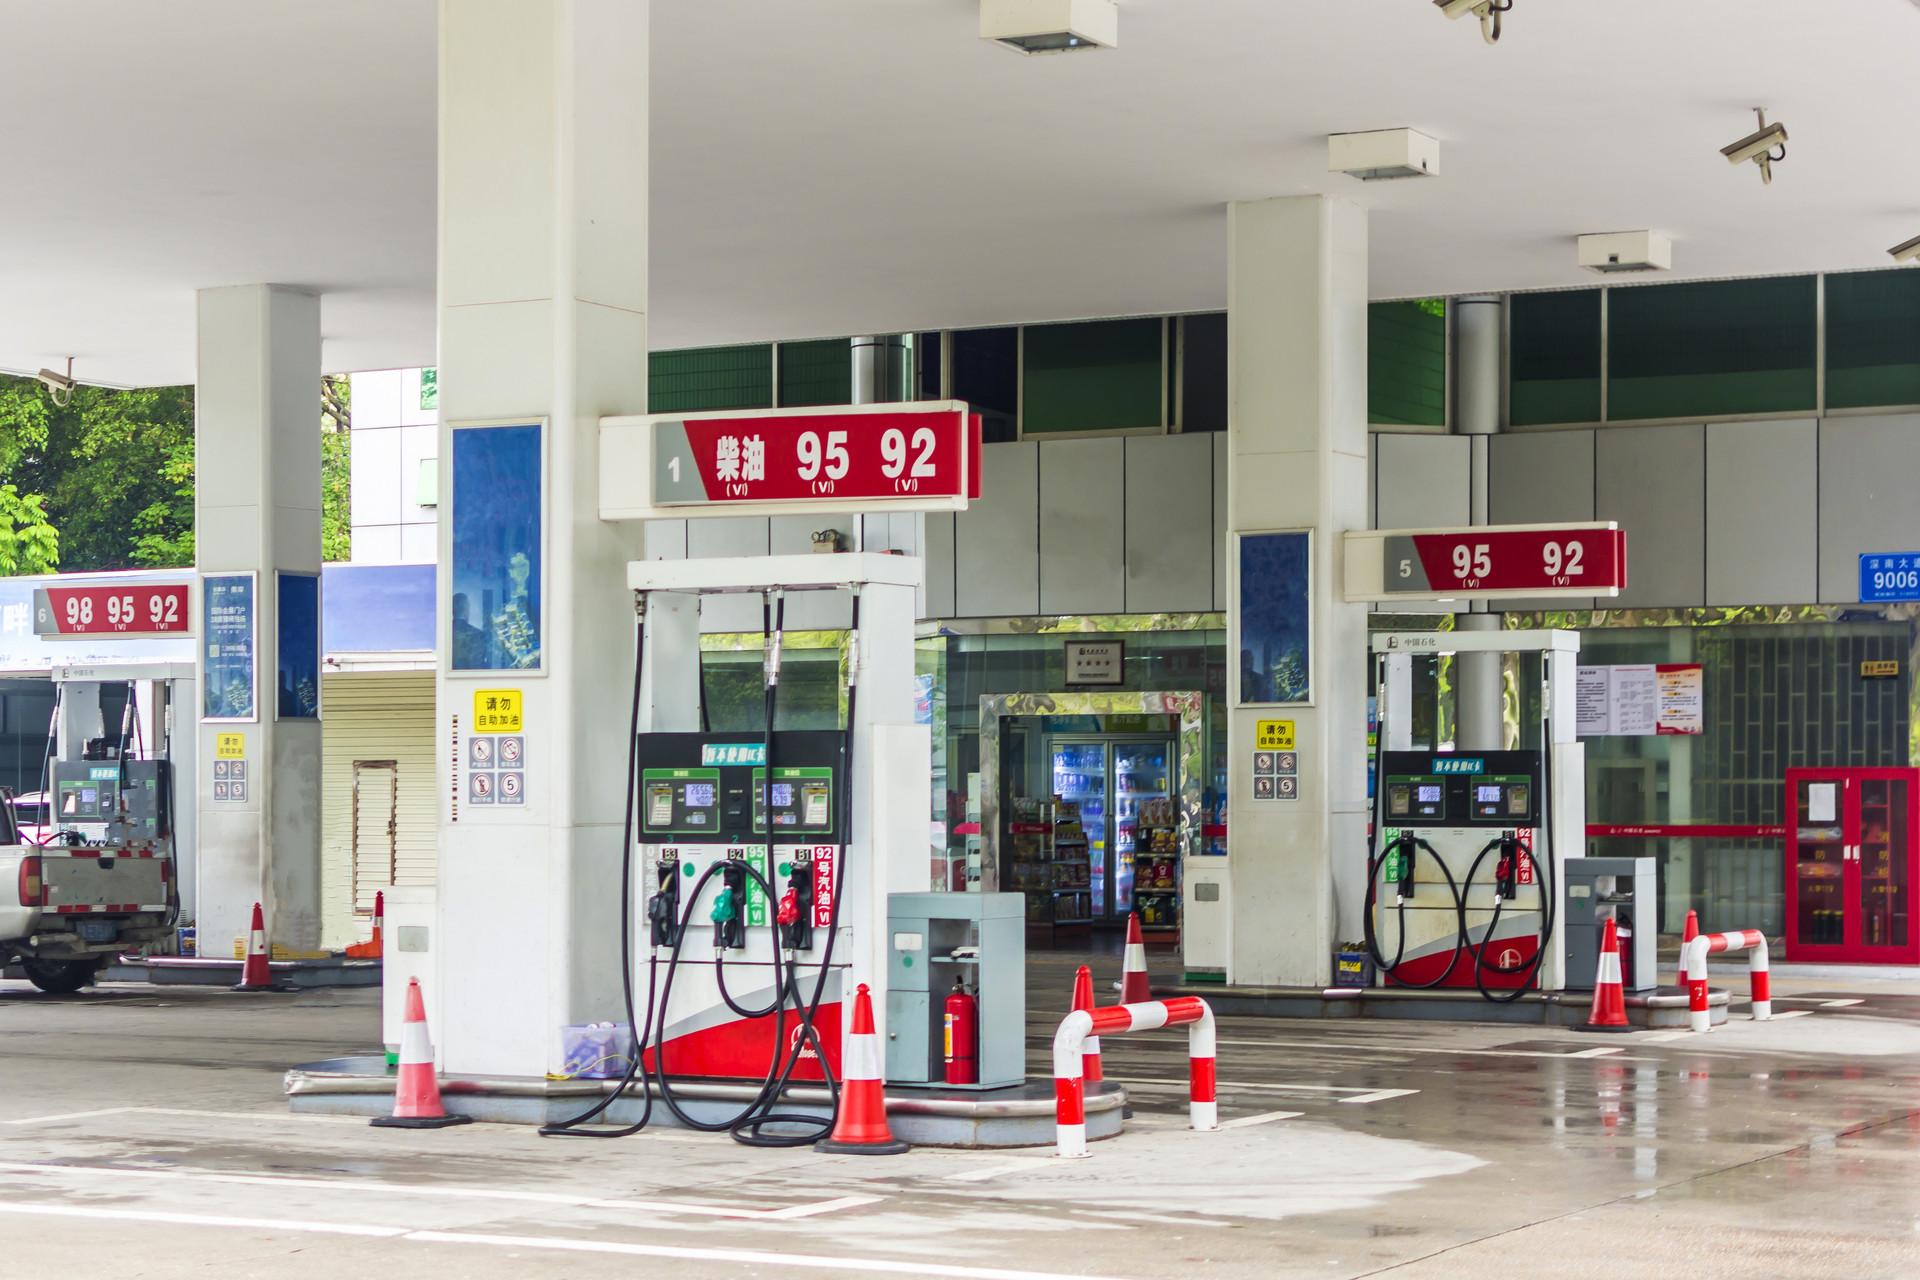 """""""两桶油""""打响价格战:多年罕见大降价幅度惊人 或成常态"""